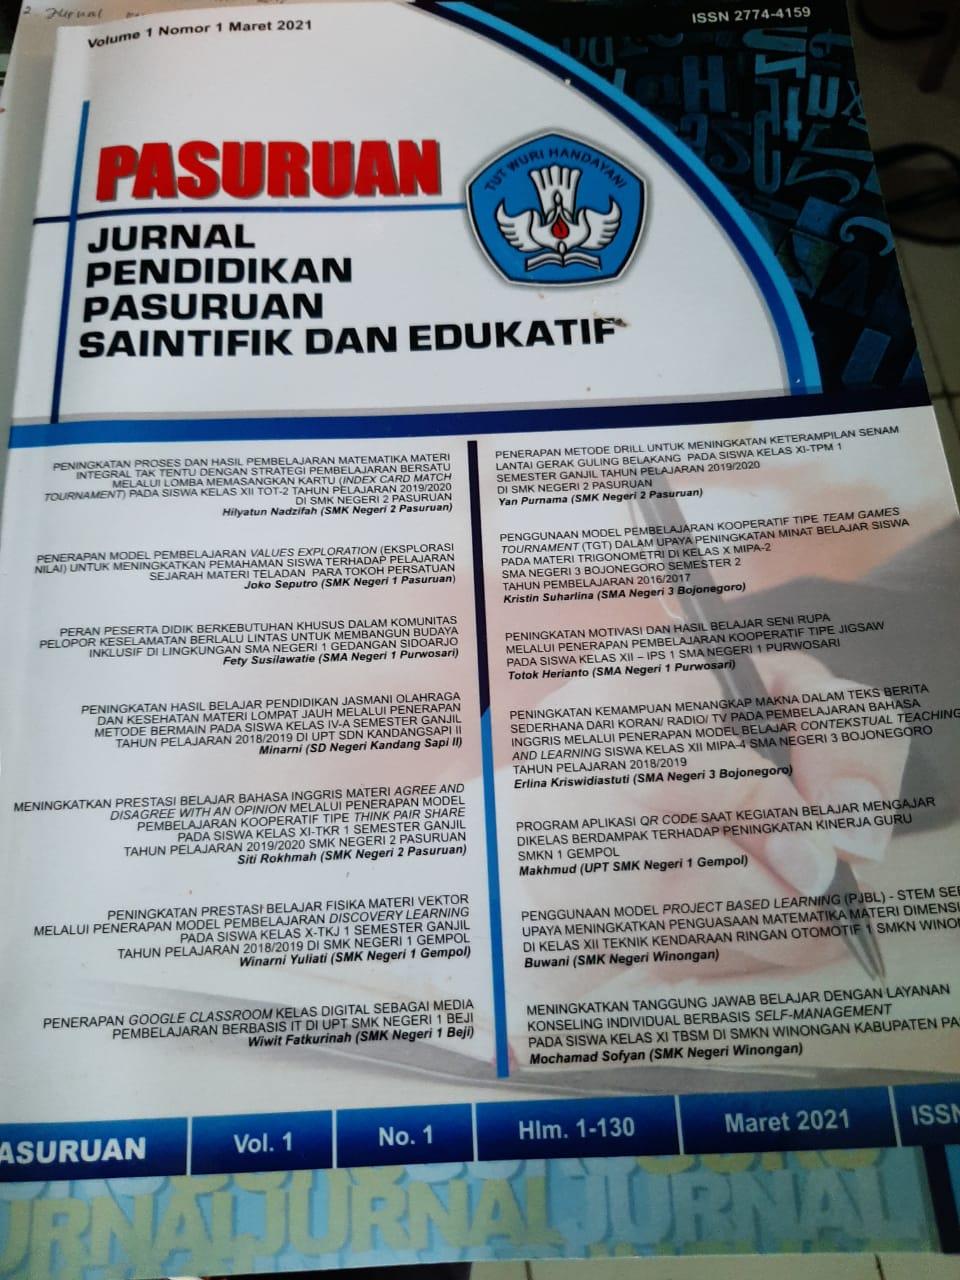 Jurnal Pendidikan Pasuruan Saintifik Dan Edukatif